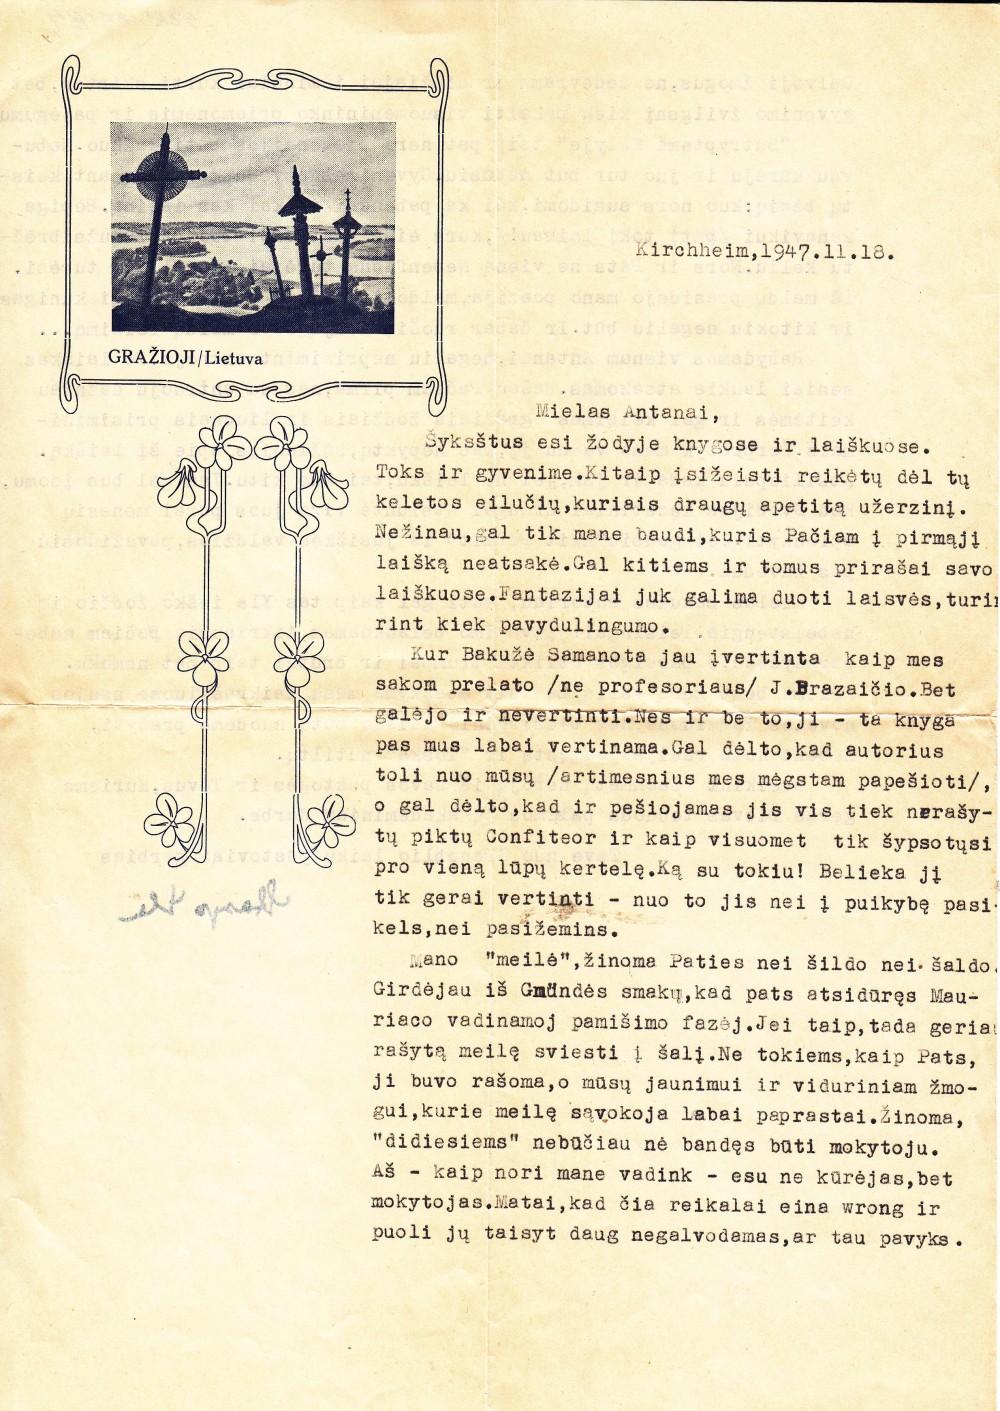 S. Ylos laiškas A. Vaičiulaičiui